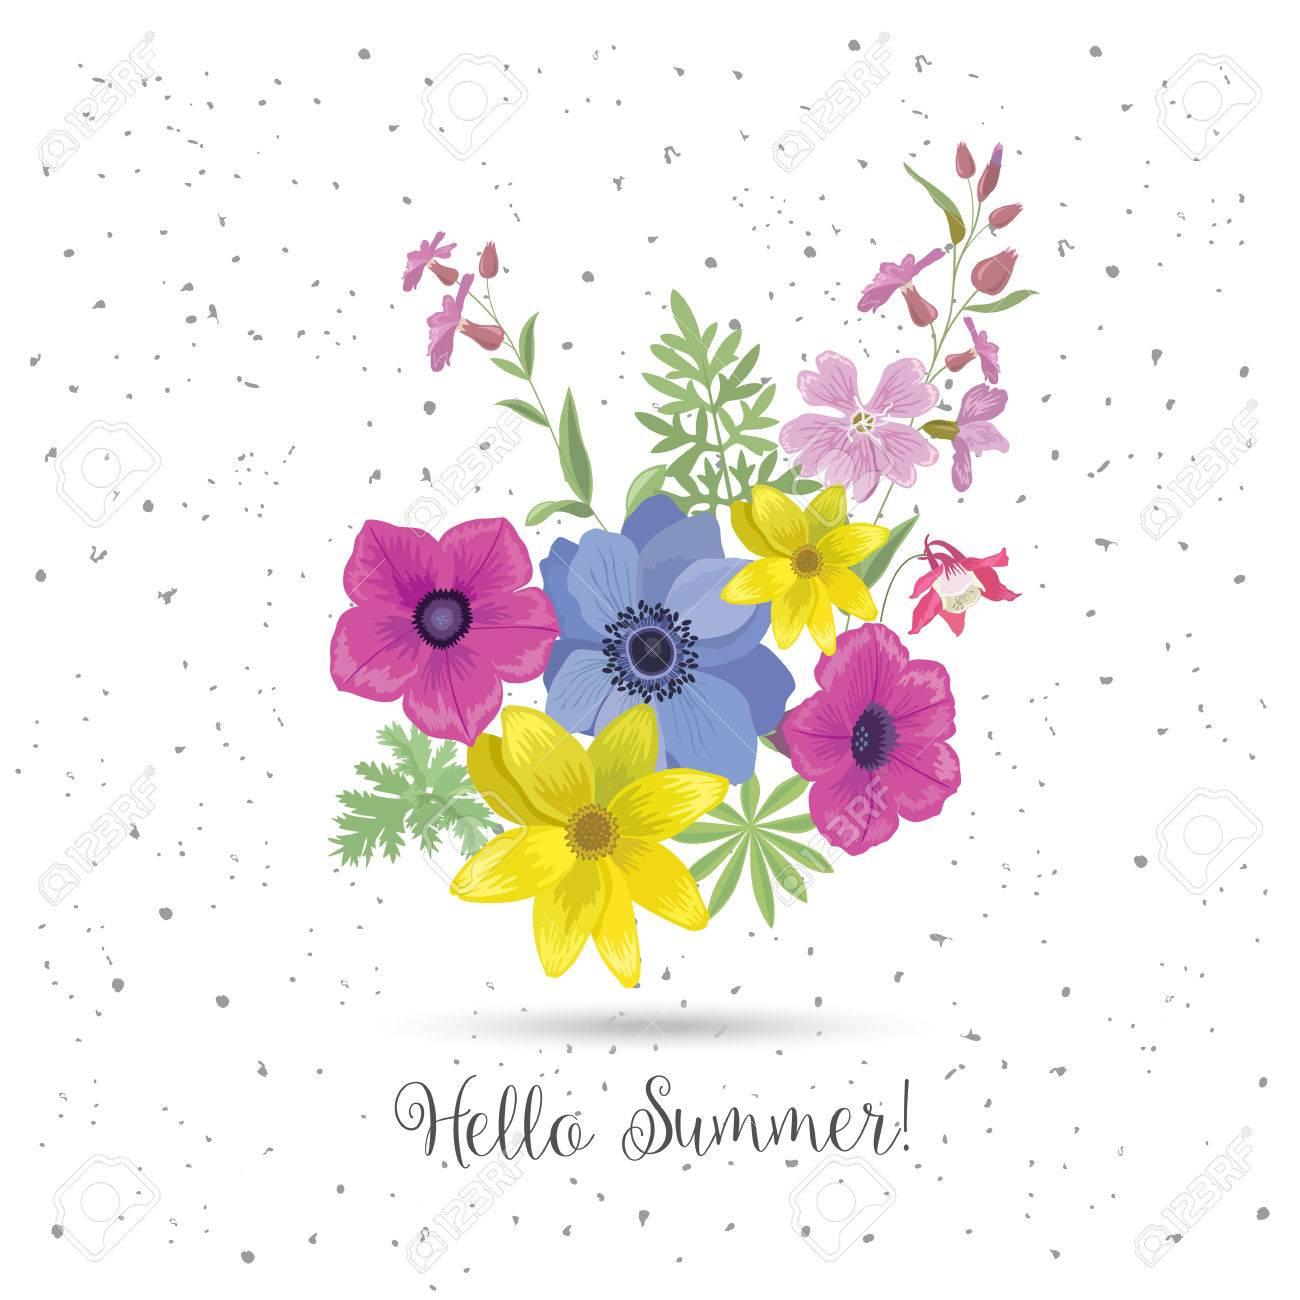 Schöne Grußkarte Mit Blumen. Sommer-Blumenstrauß Und Slogan. Saison ...